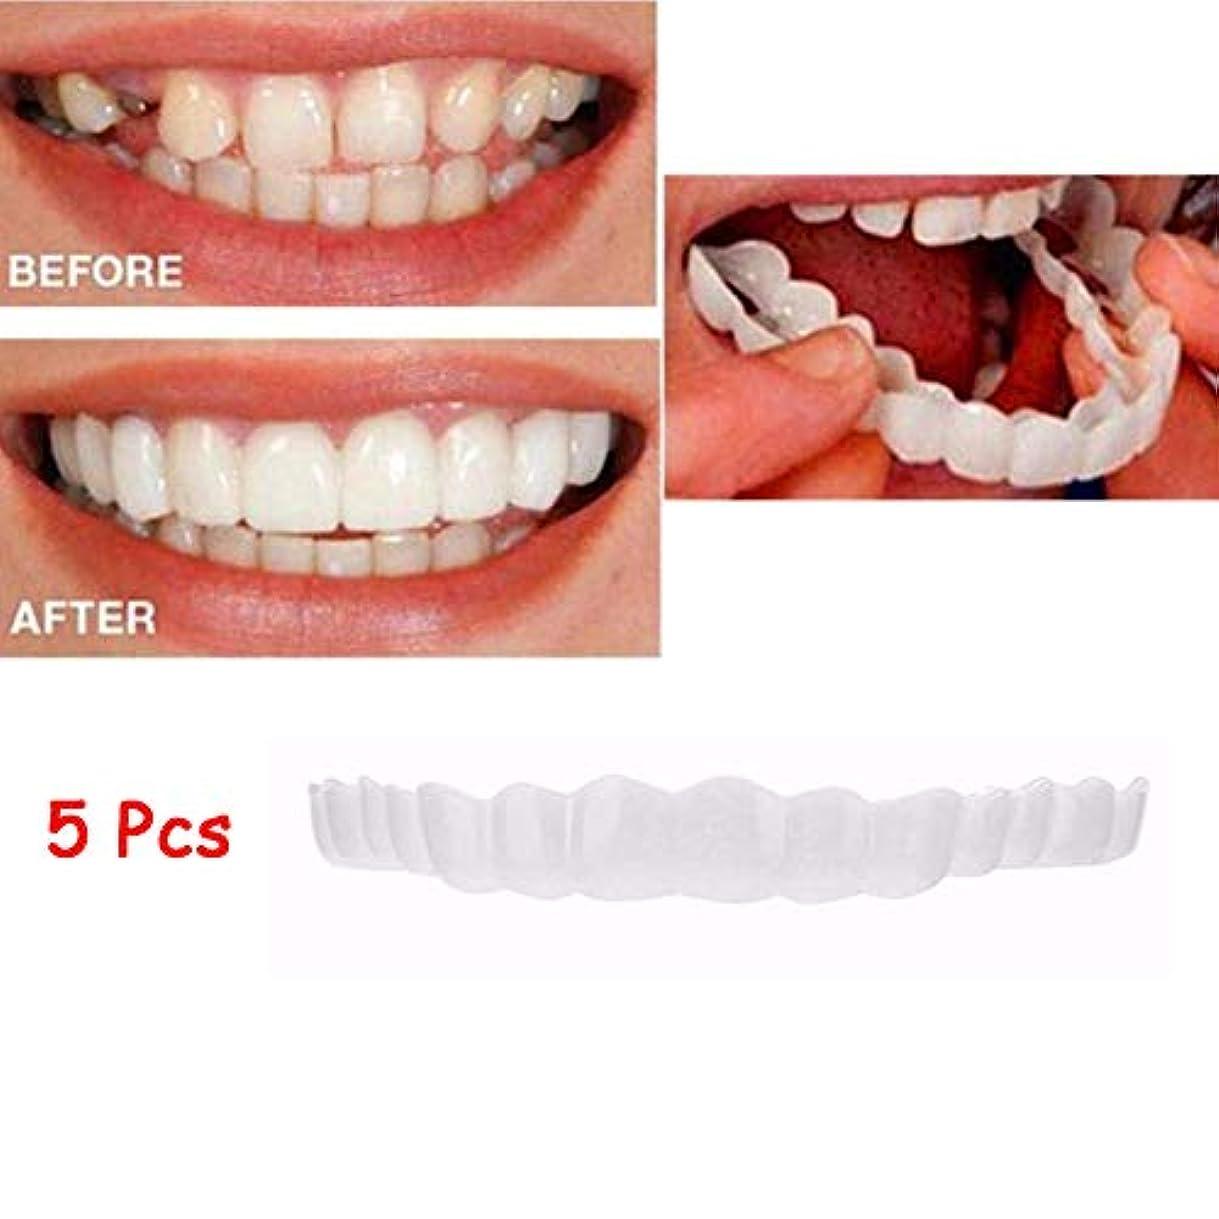 おとなしい識字遺伝的5本突き板、化粧品の歯 - 一時的な笑顔の快適さフレックス歯のベニー